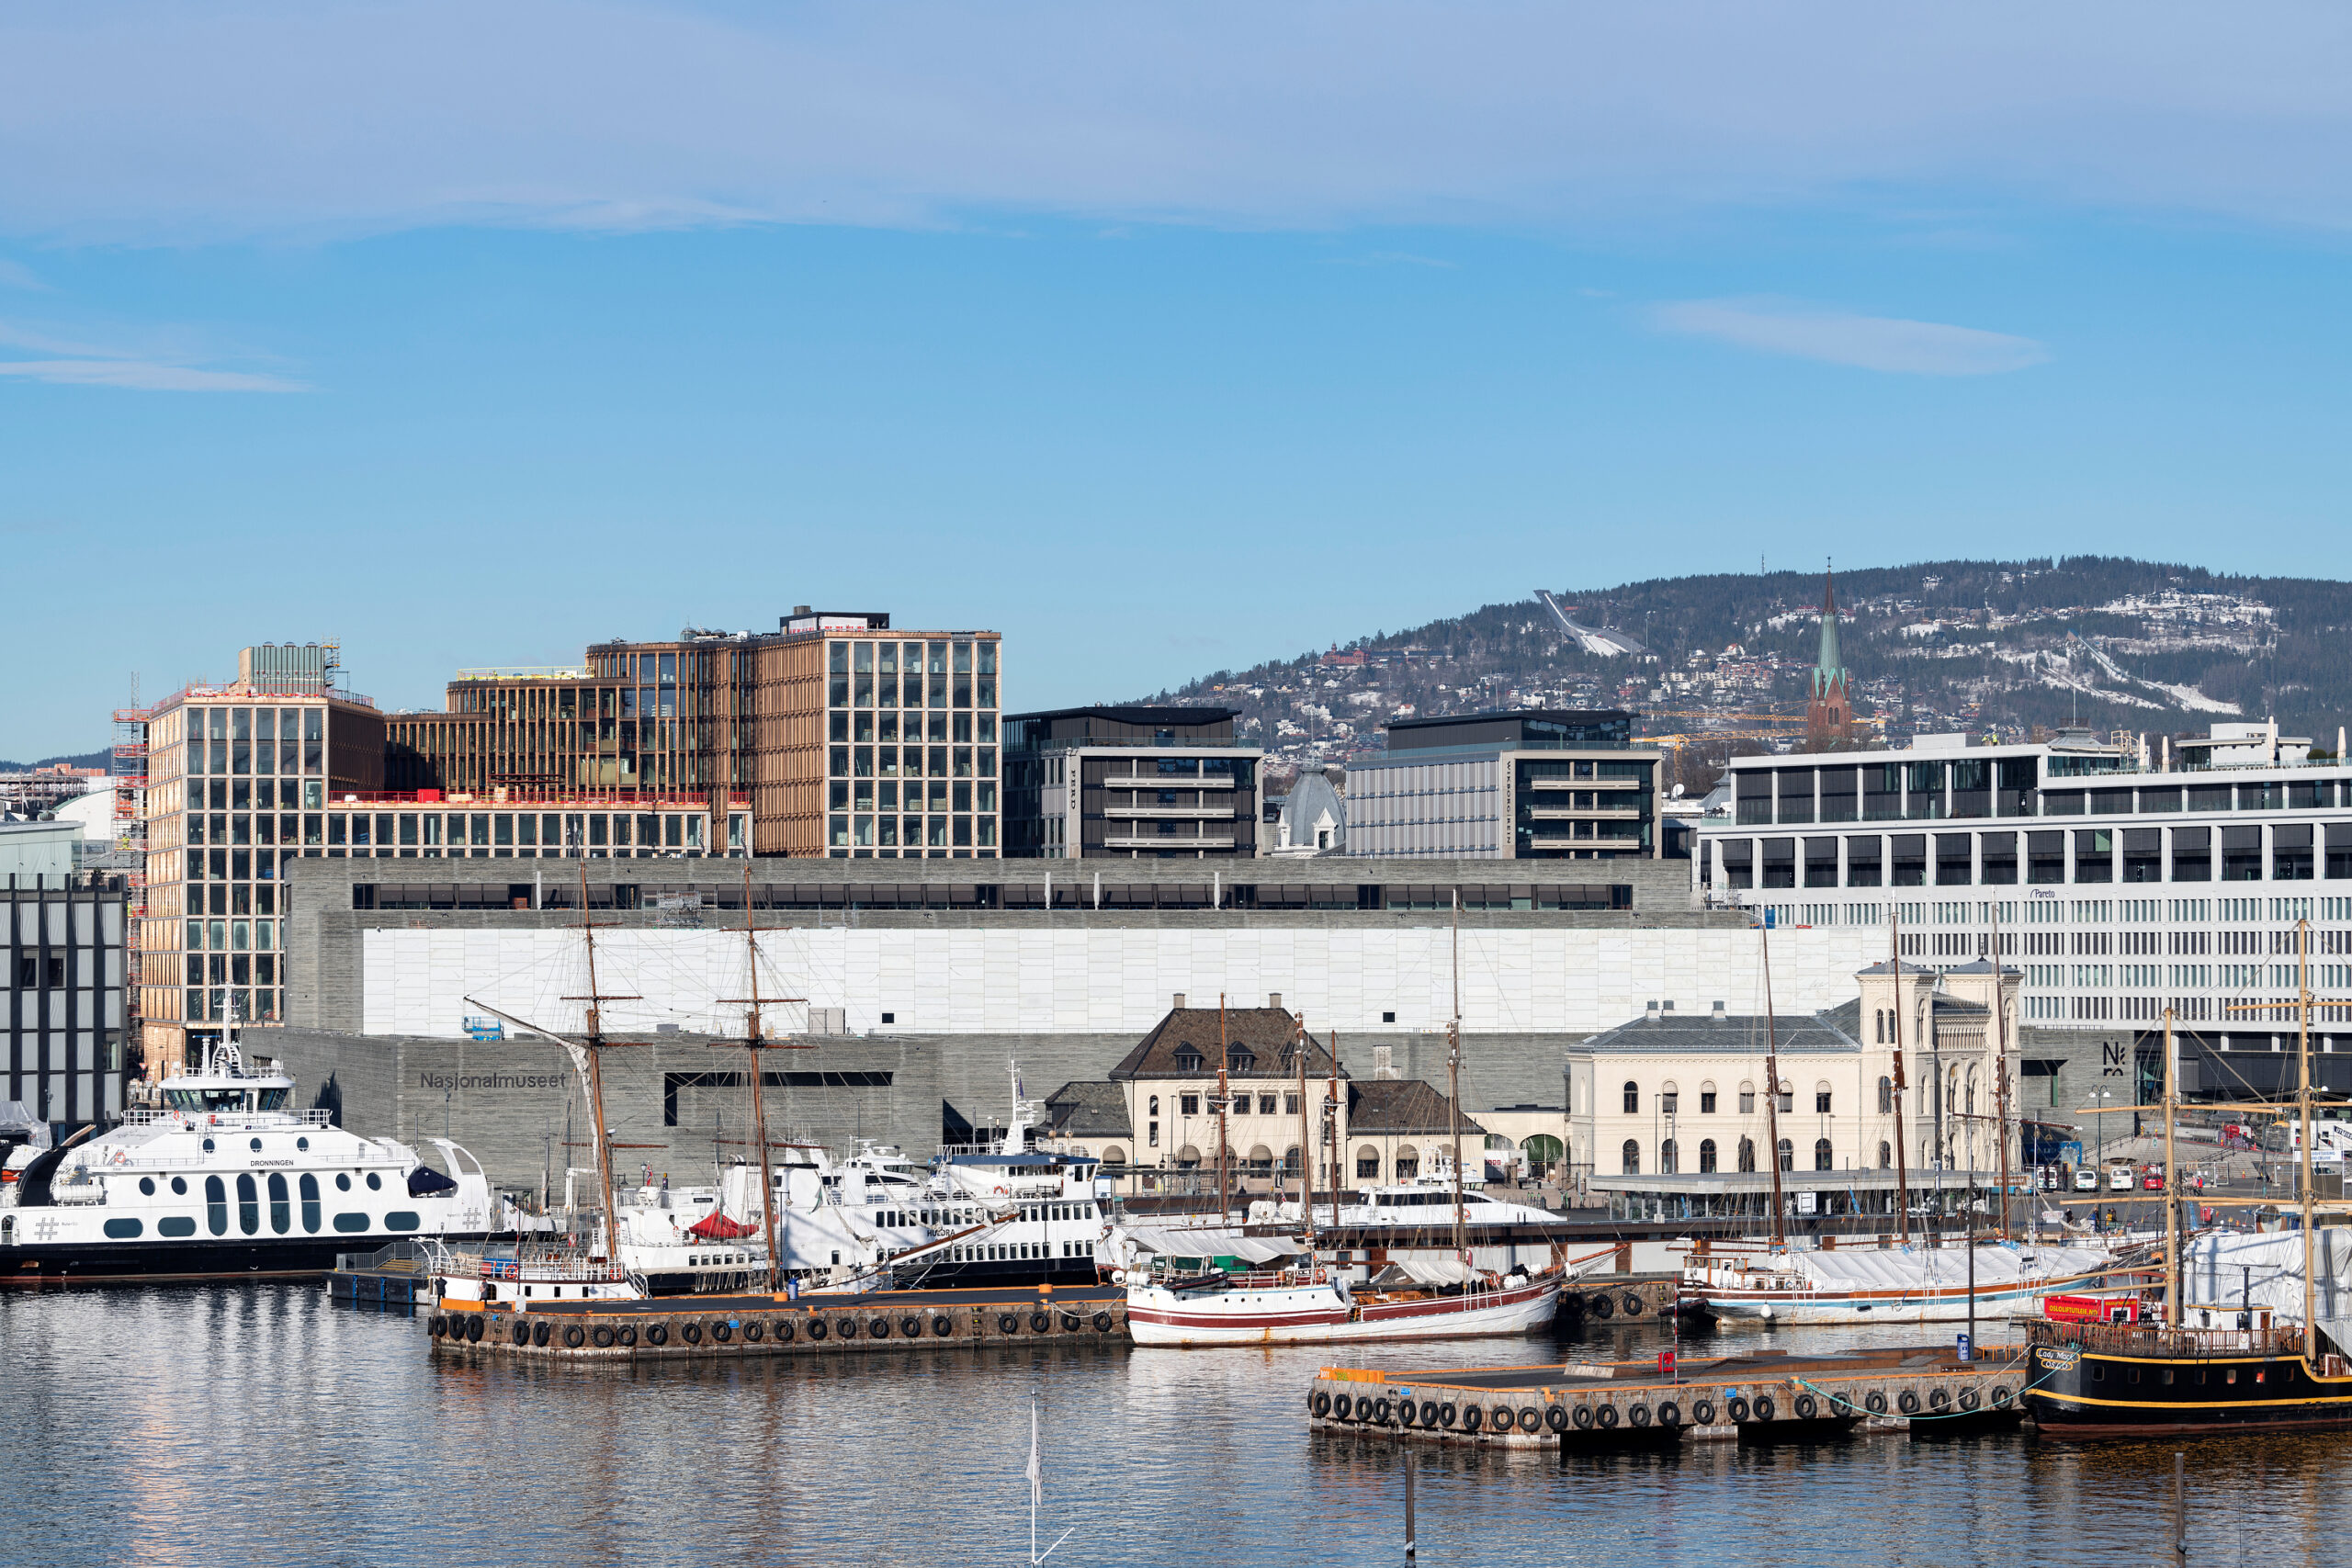 1. Nasjonalmuseet in February 2021<br>Photo: Frode Larsen